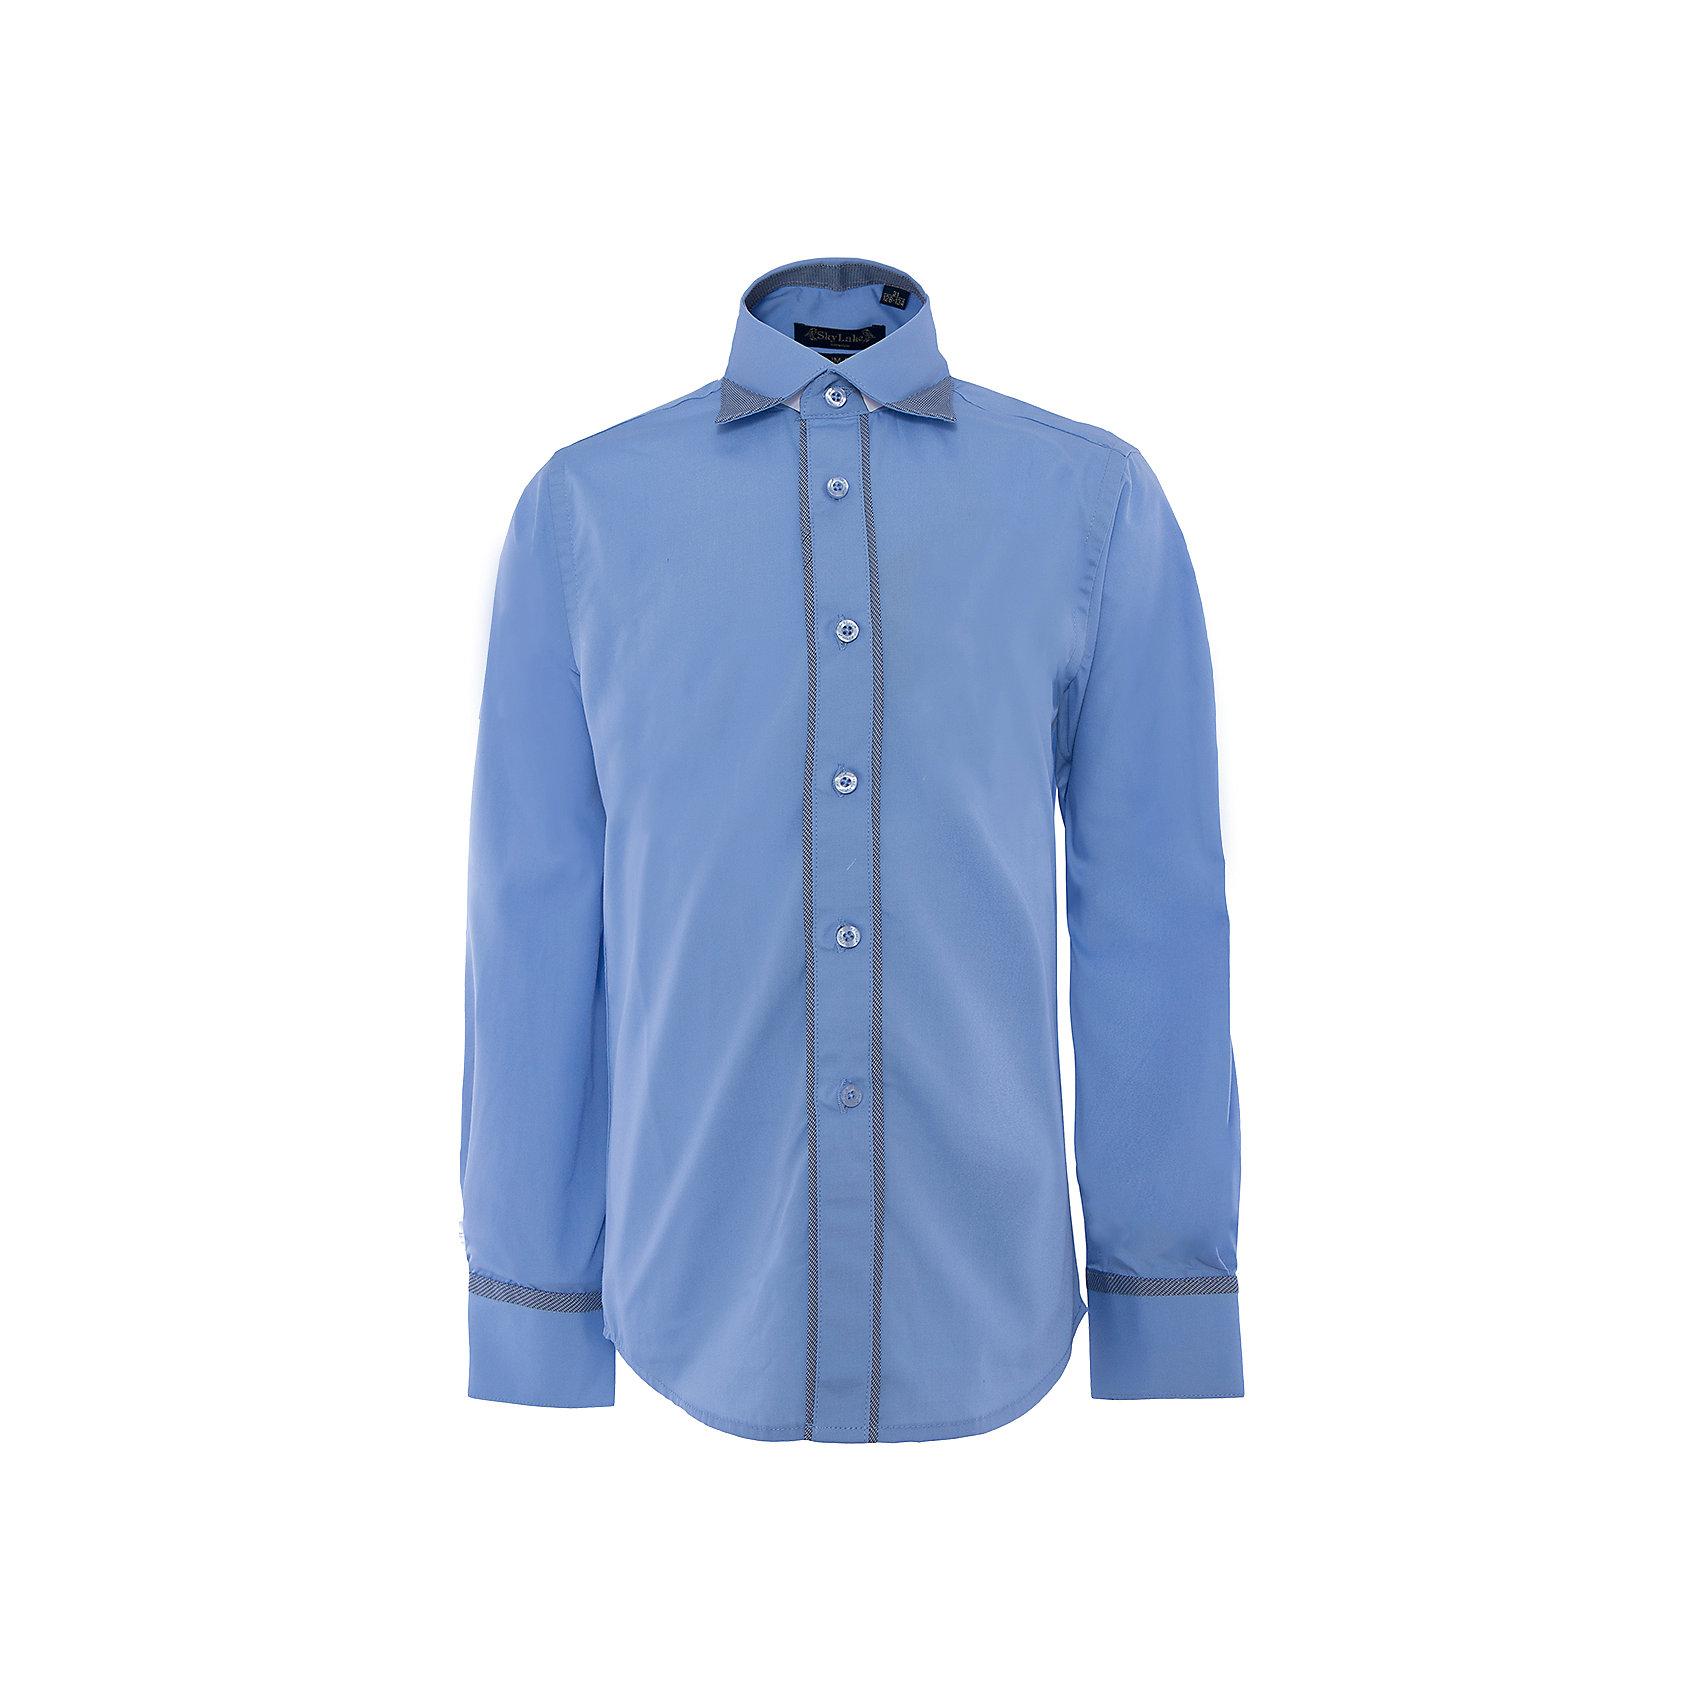 Рубашка для мальчика SkylakeБлузки и рубашки<br>Сорочка классическая для мальчика<br>Состав:<br>80% хлопок, 20% п/э<br><br>Ширина мм: 174<br>Глубина мм: 10<br>Высота мм: 169<br>Вес г: 157<br>Цвет: синий<br>Возраст от месяцев: 132<br>Возраст до месяцев: 144<br>Пол: Мужской<br>Возраст: Детский<br>Размер: 152,140,158,146,122,134,128<br>SKU: 4877751